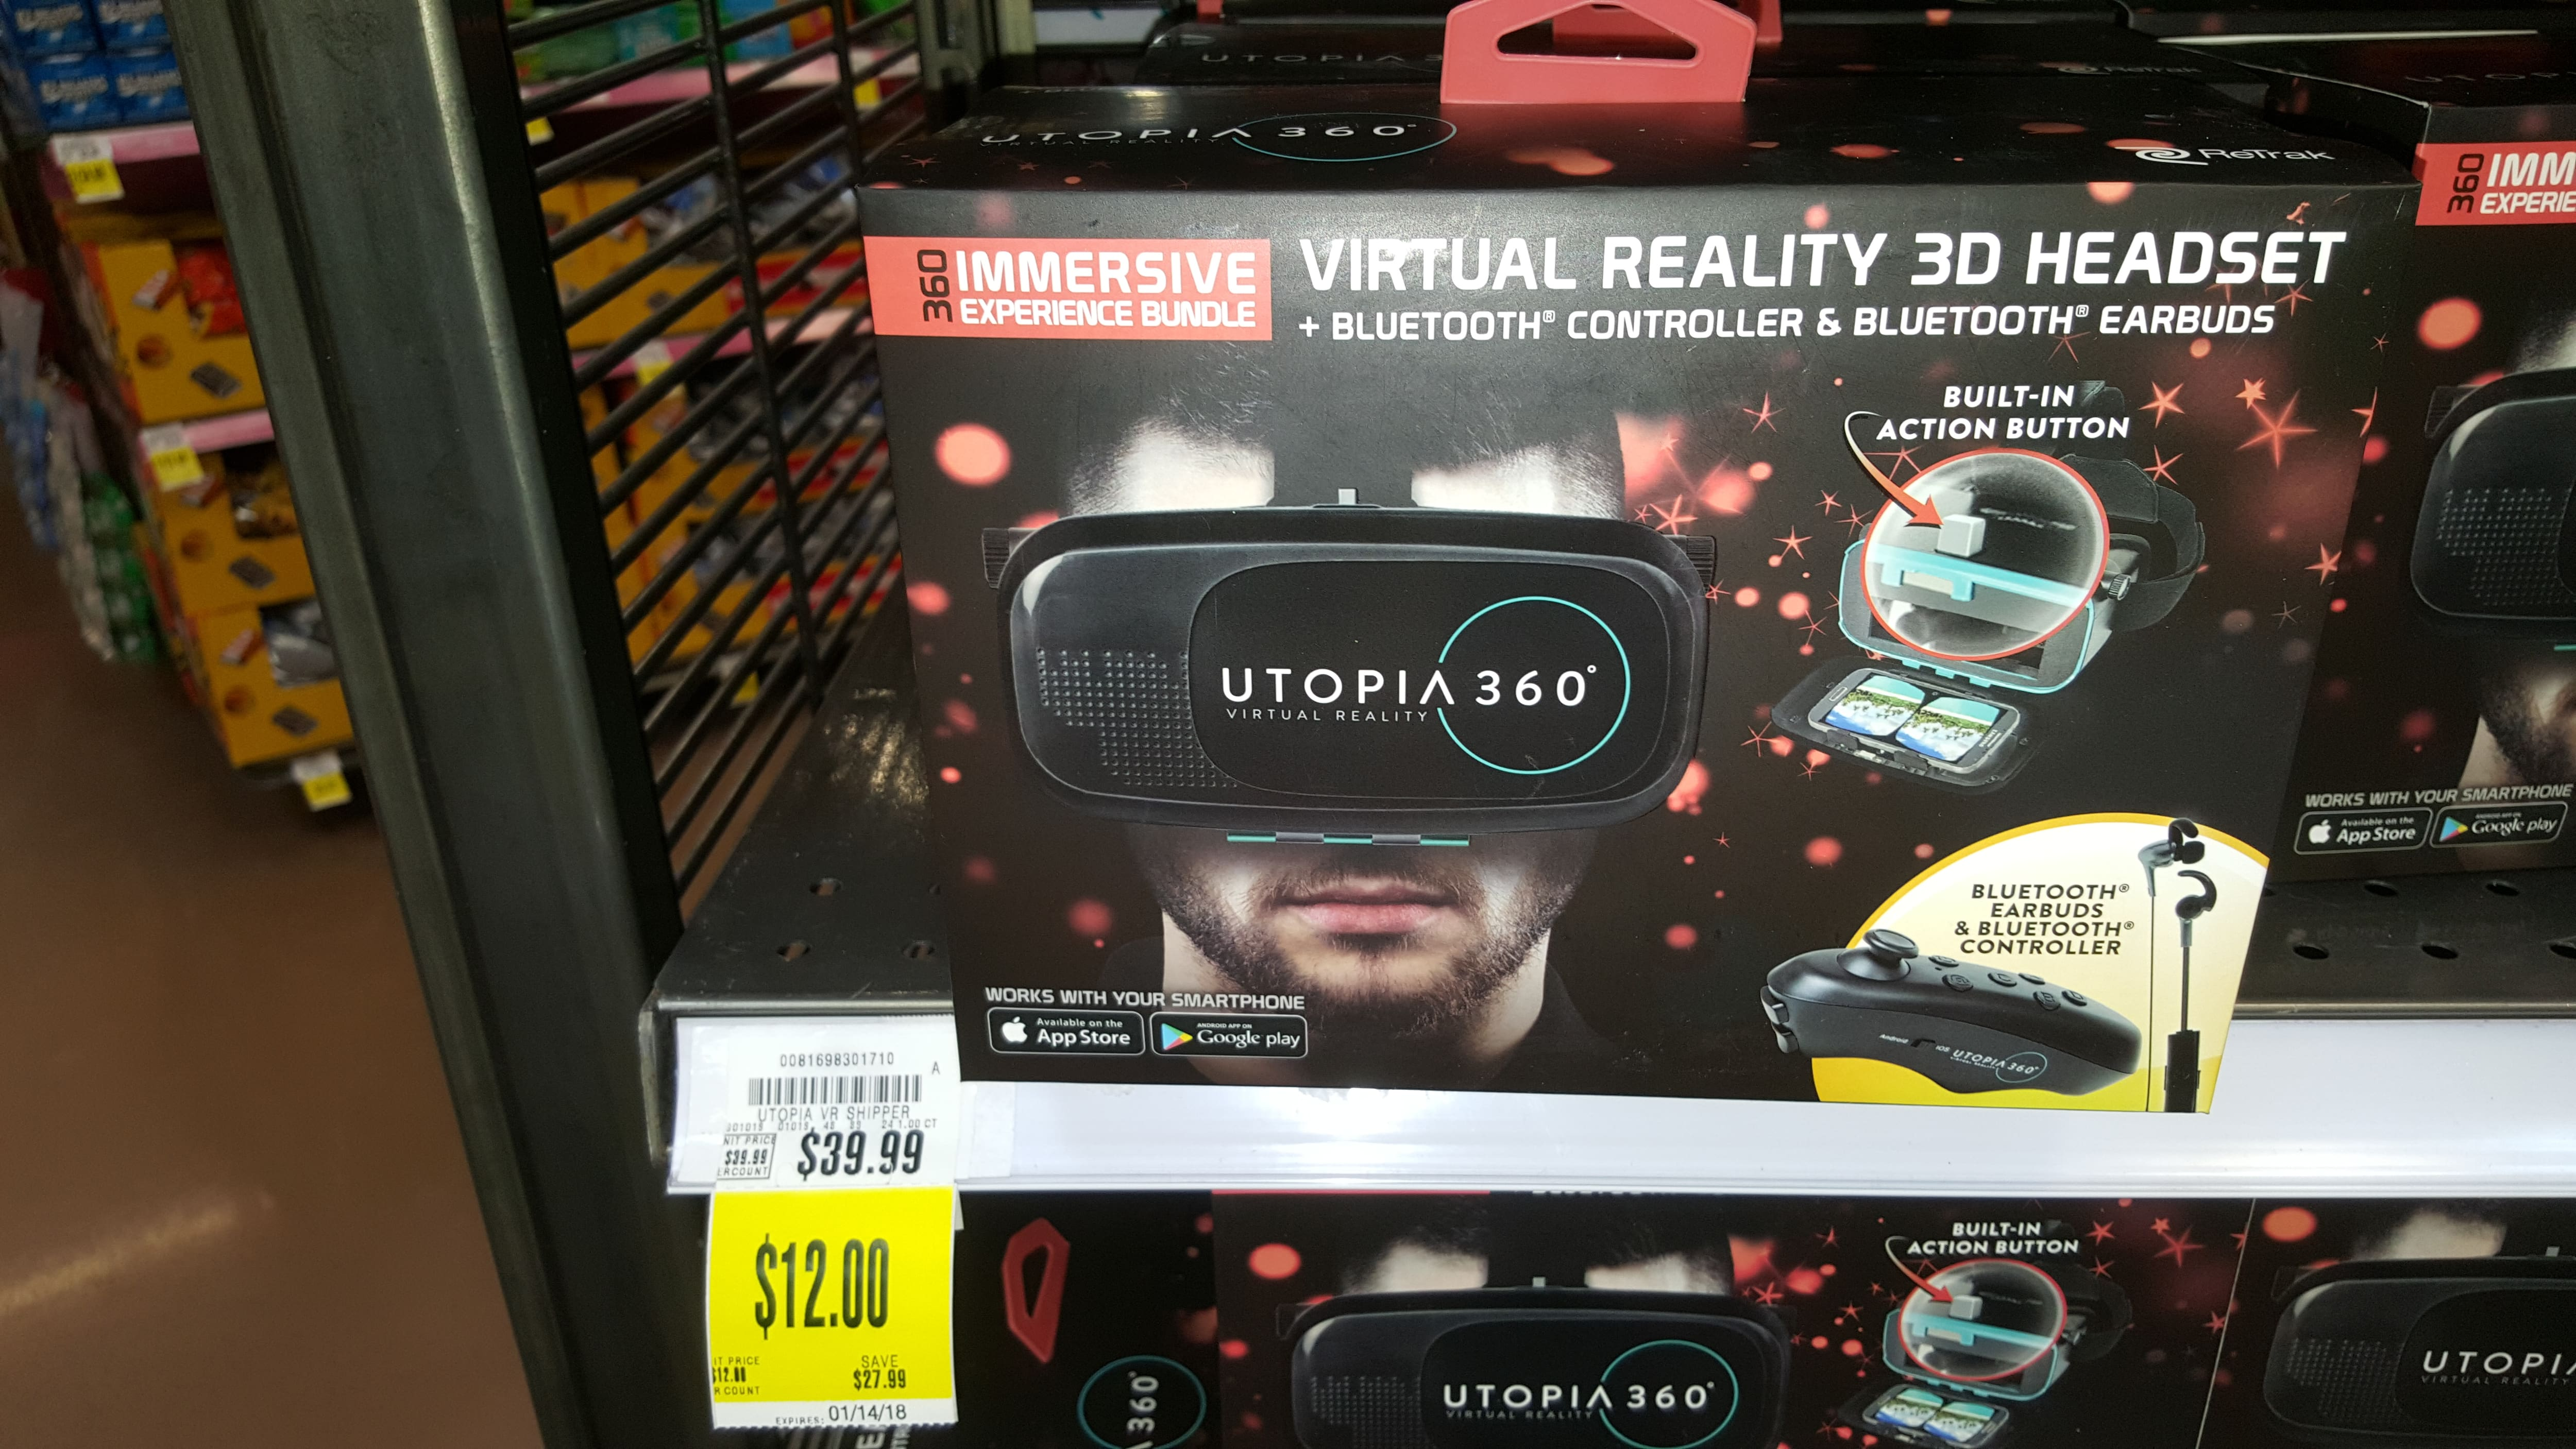 Kroger Marketplace Utopia 360 VR YMMW $12